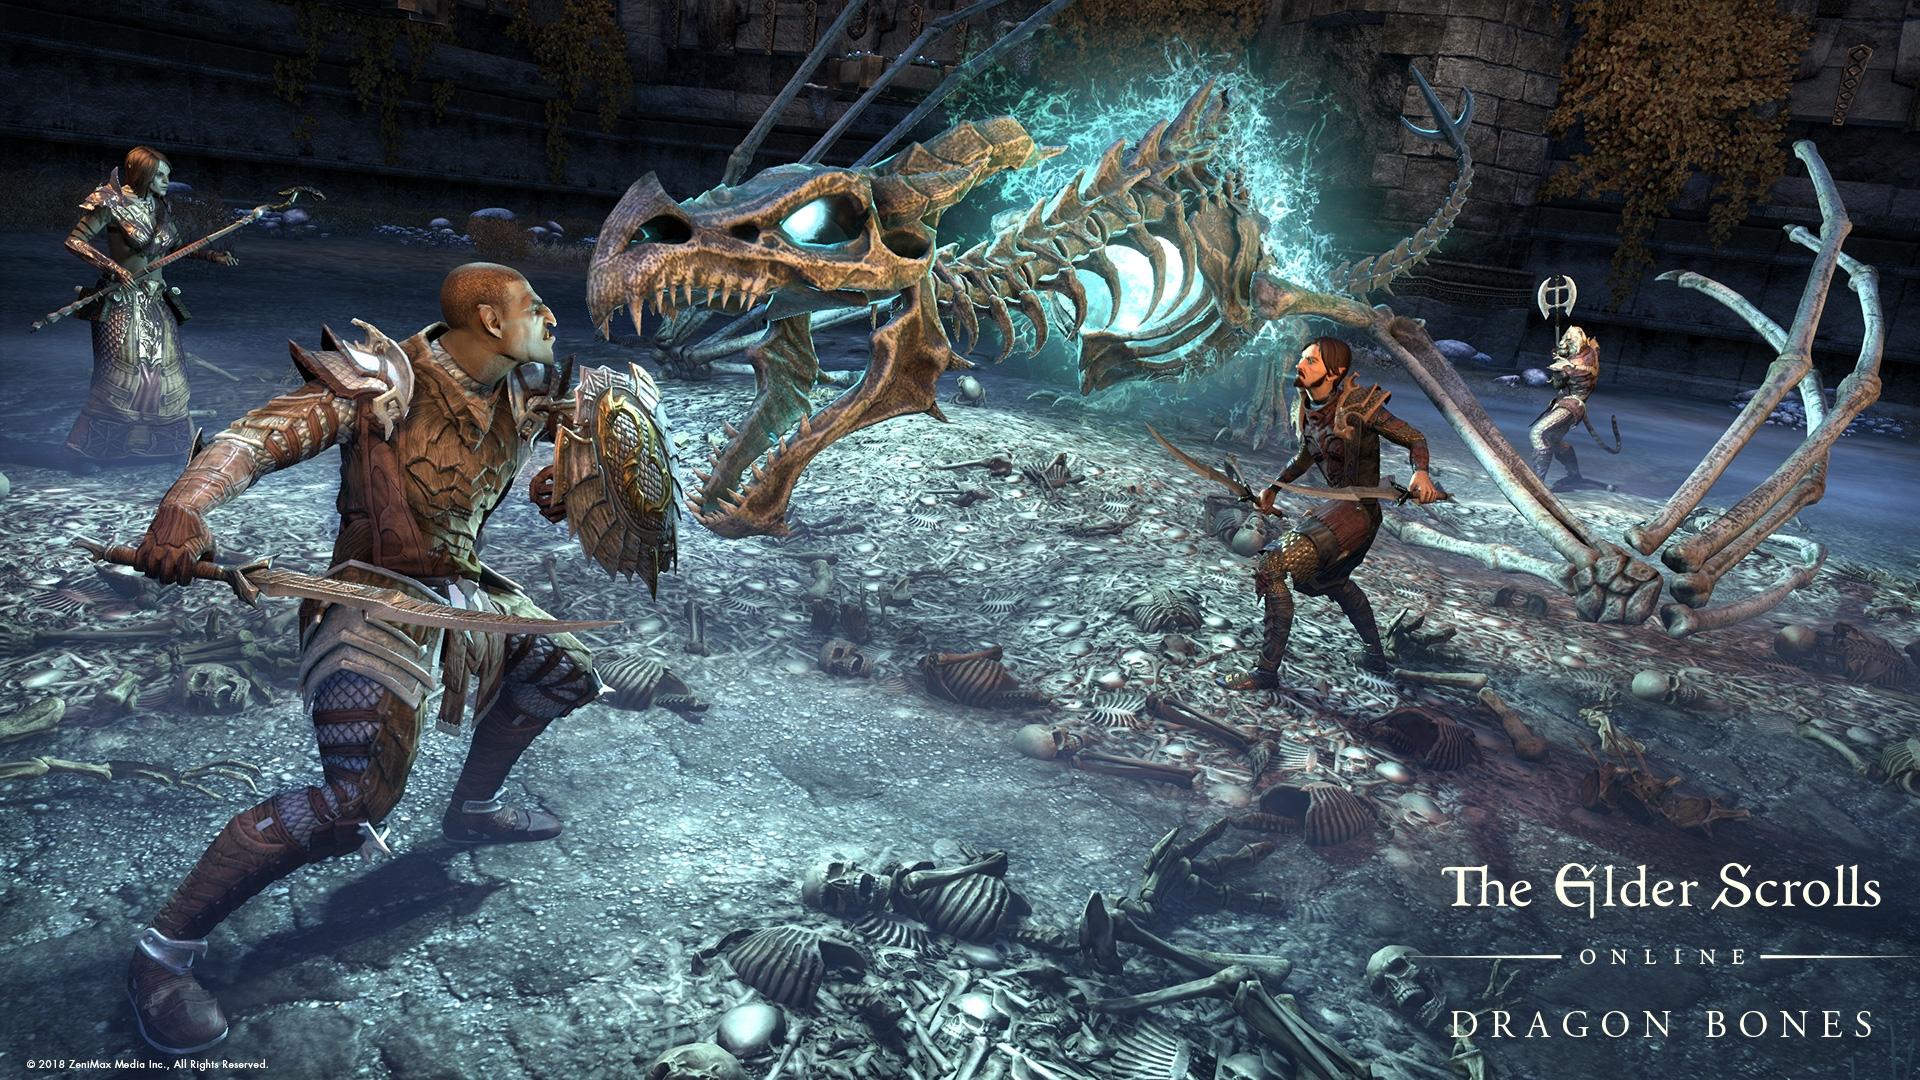 The Elder Scrolls Online: Dragon Bones